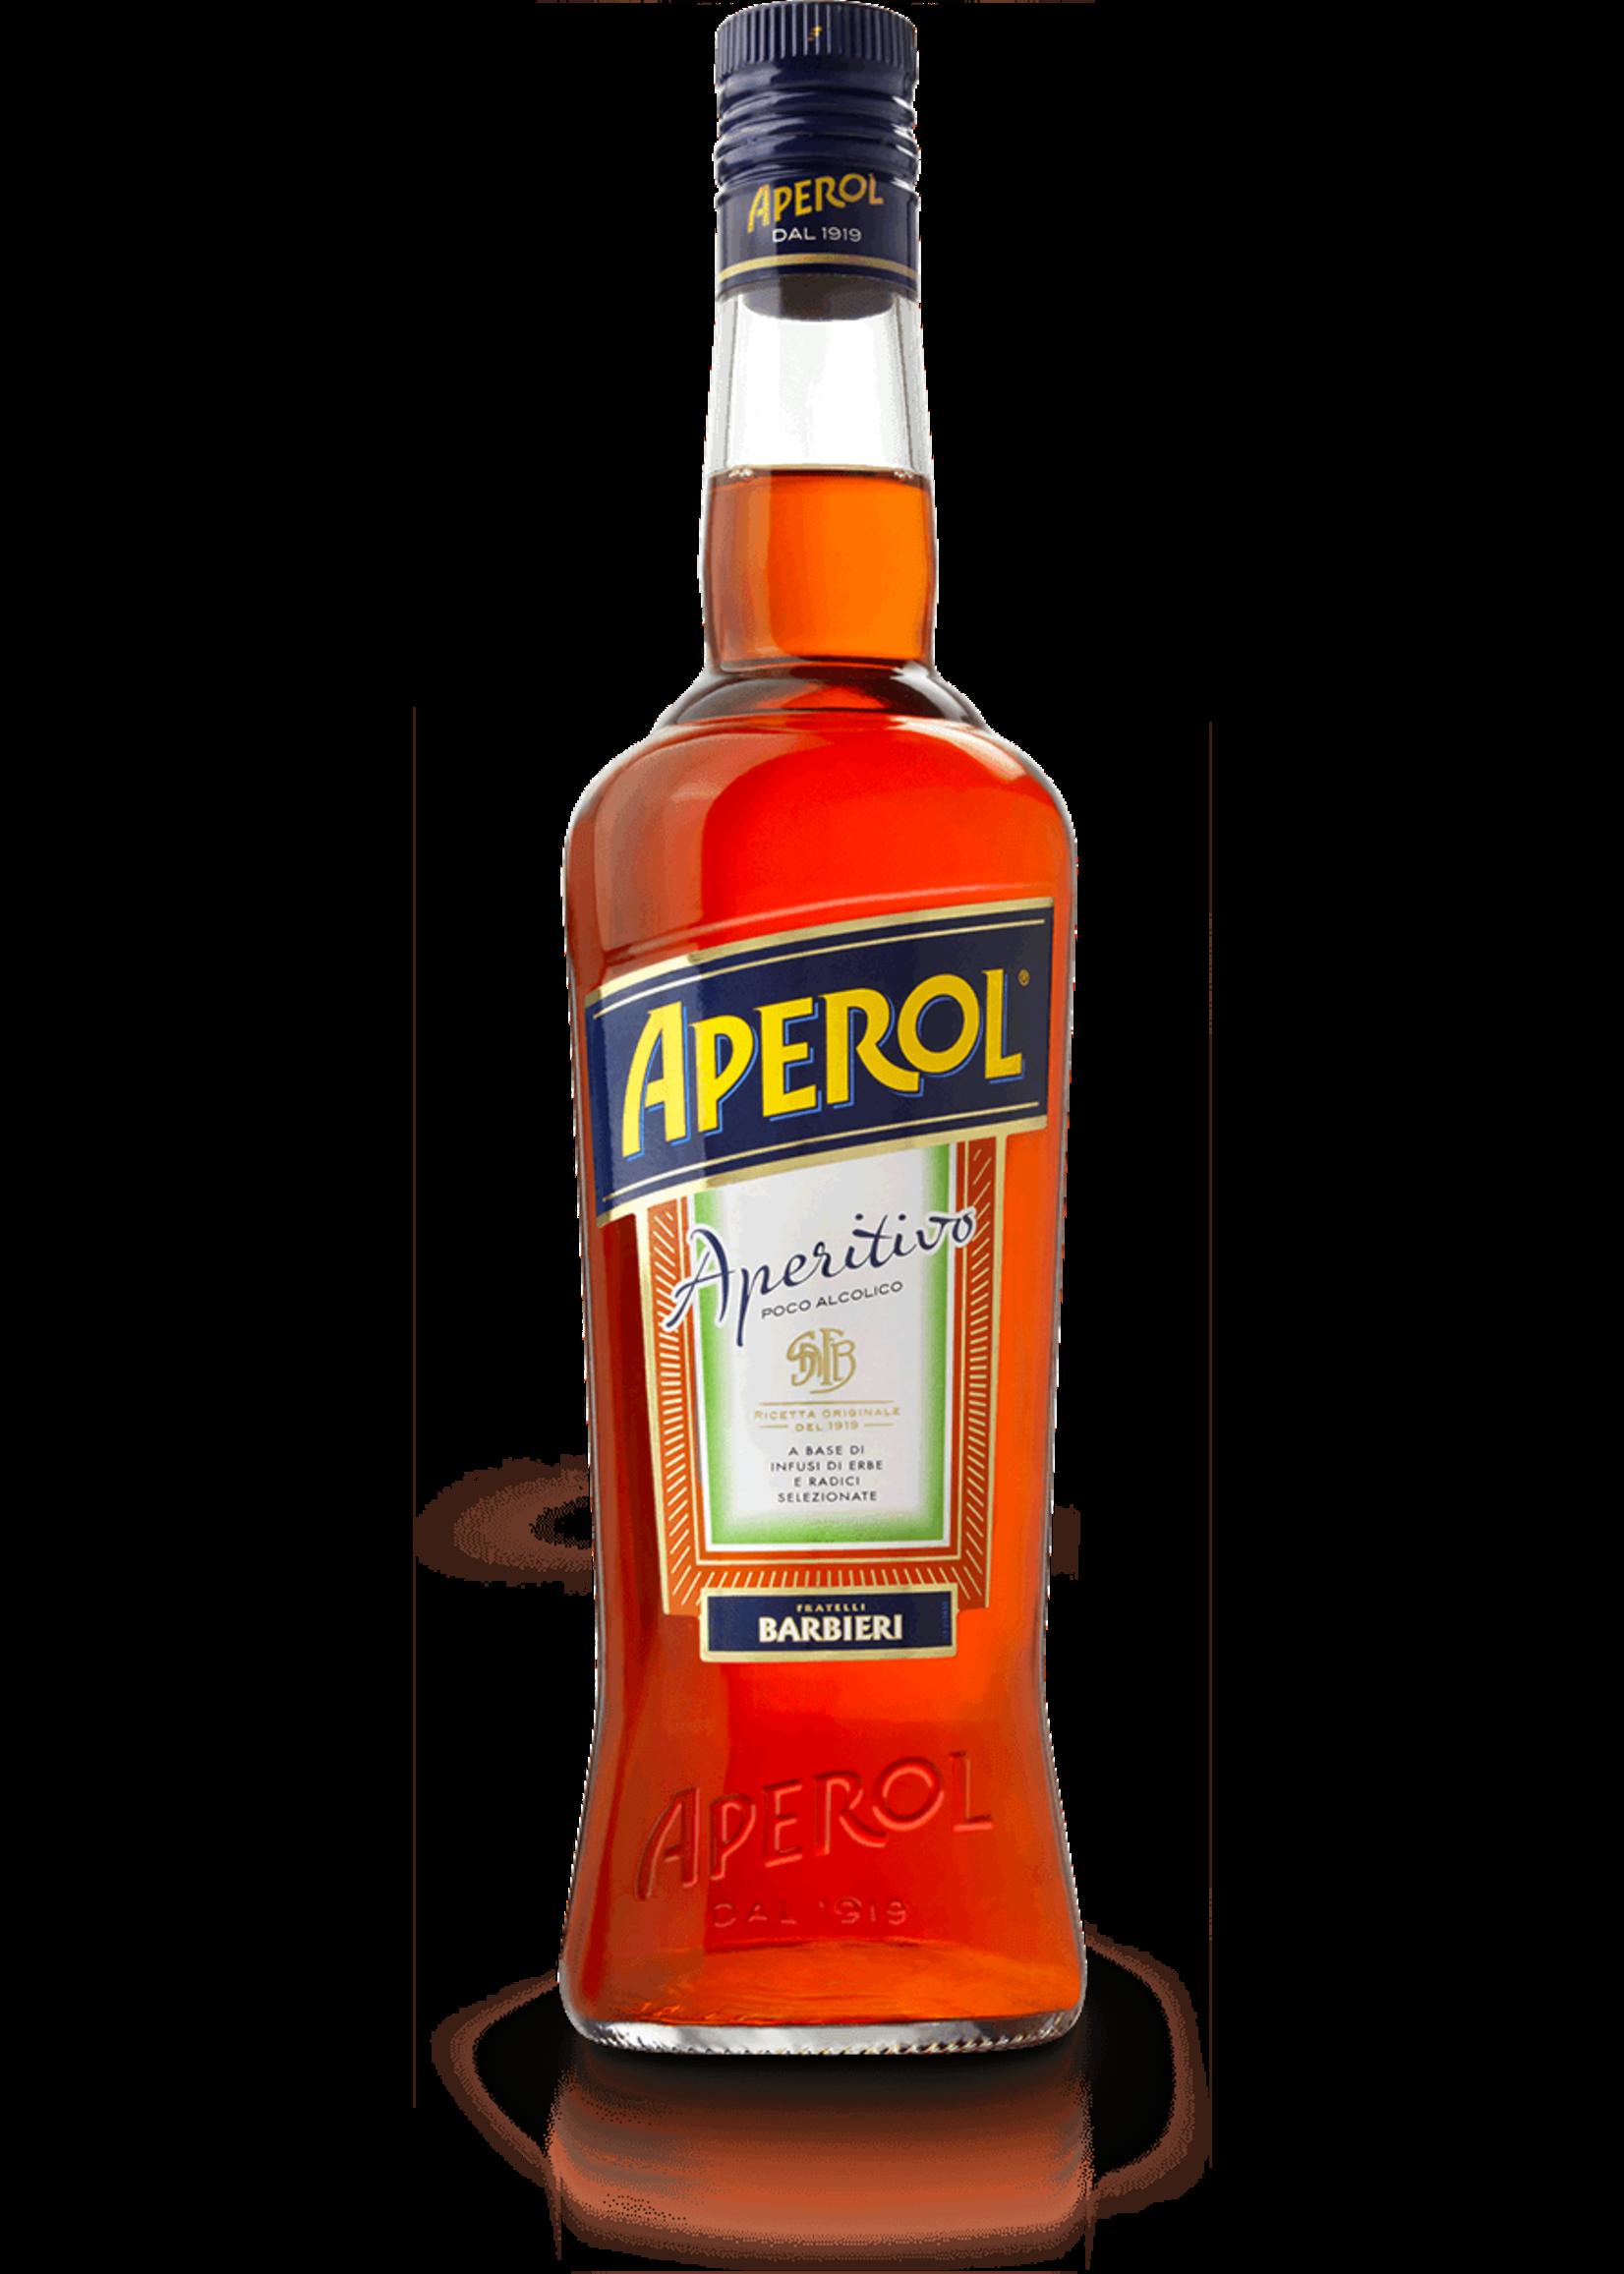 Aperol Aperol / Aperitif Liqueur / 750mL